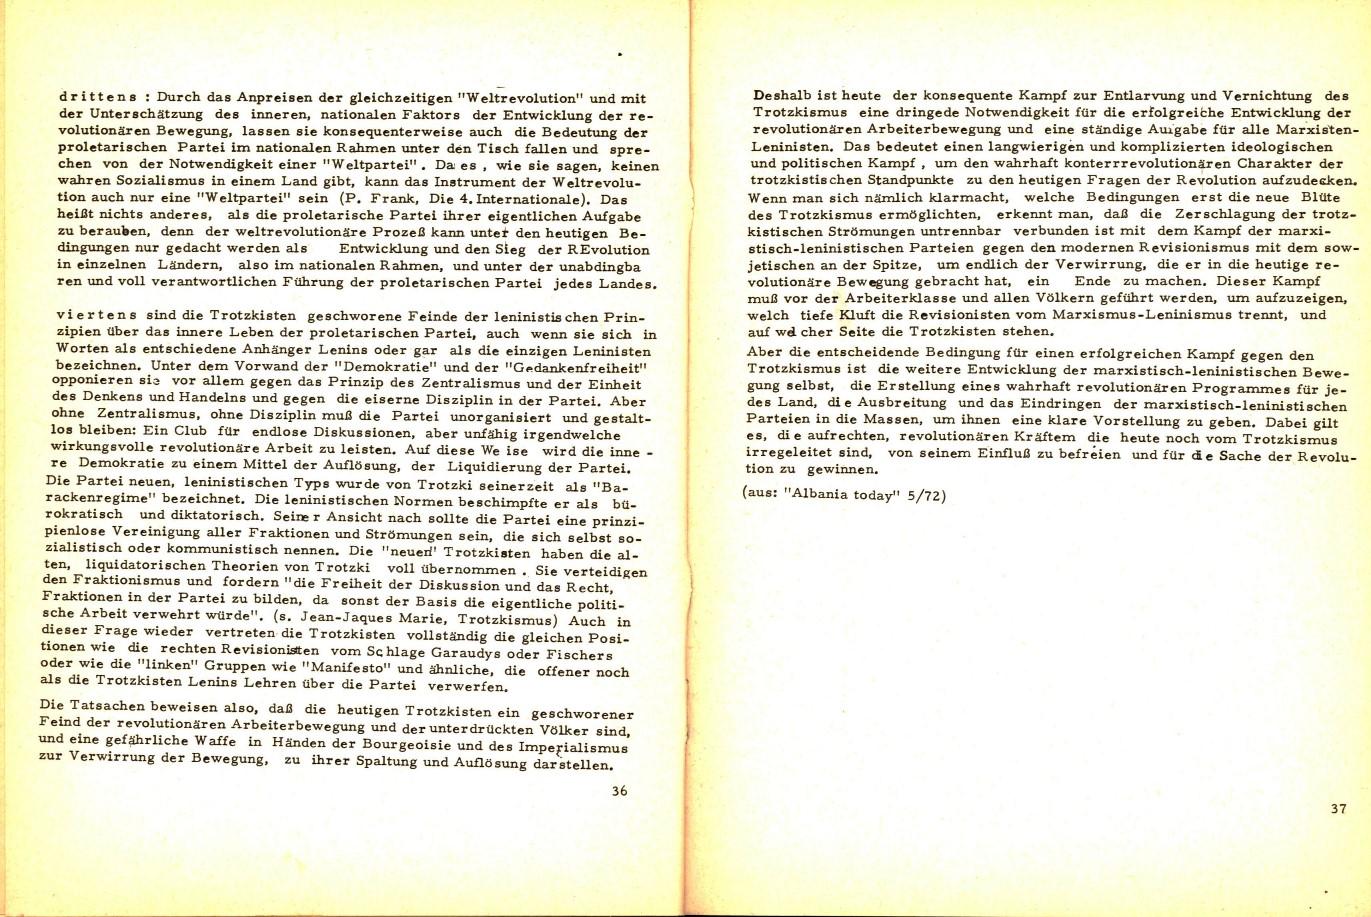 KPDAO_1974_30_Jahre_Befreiung_Albaniens_19